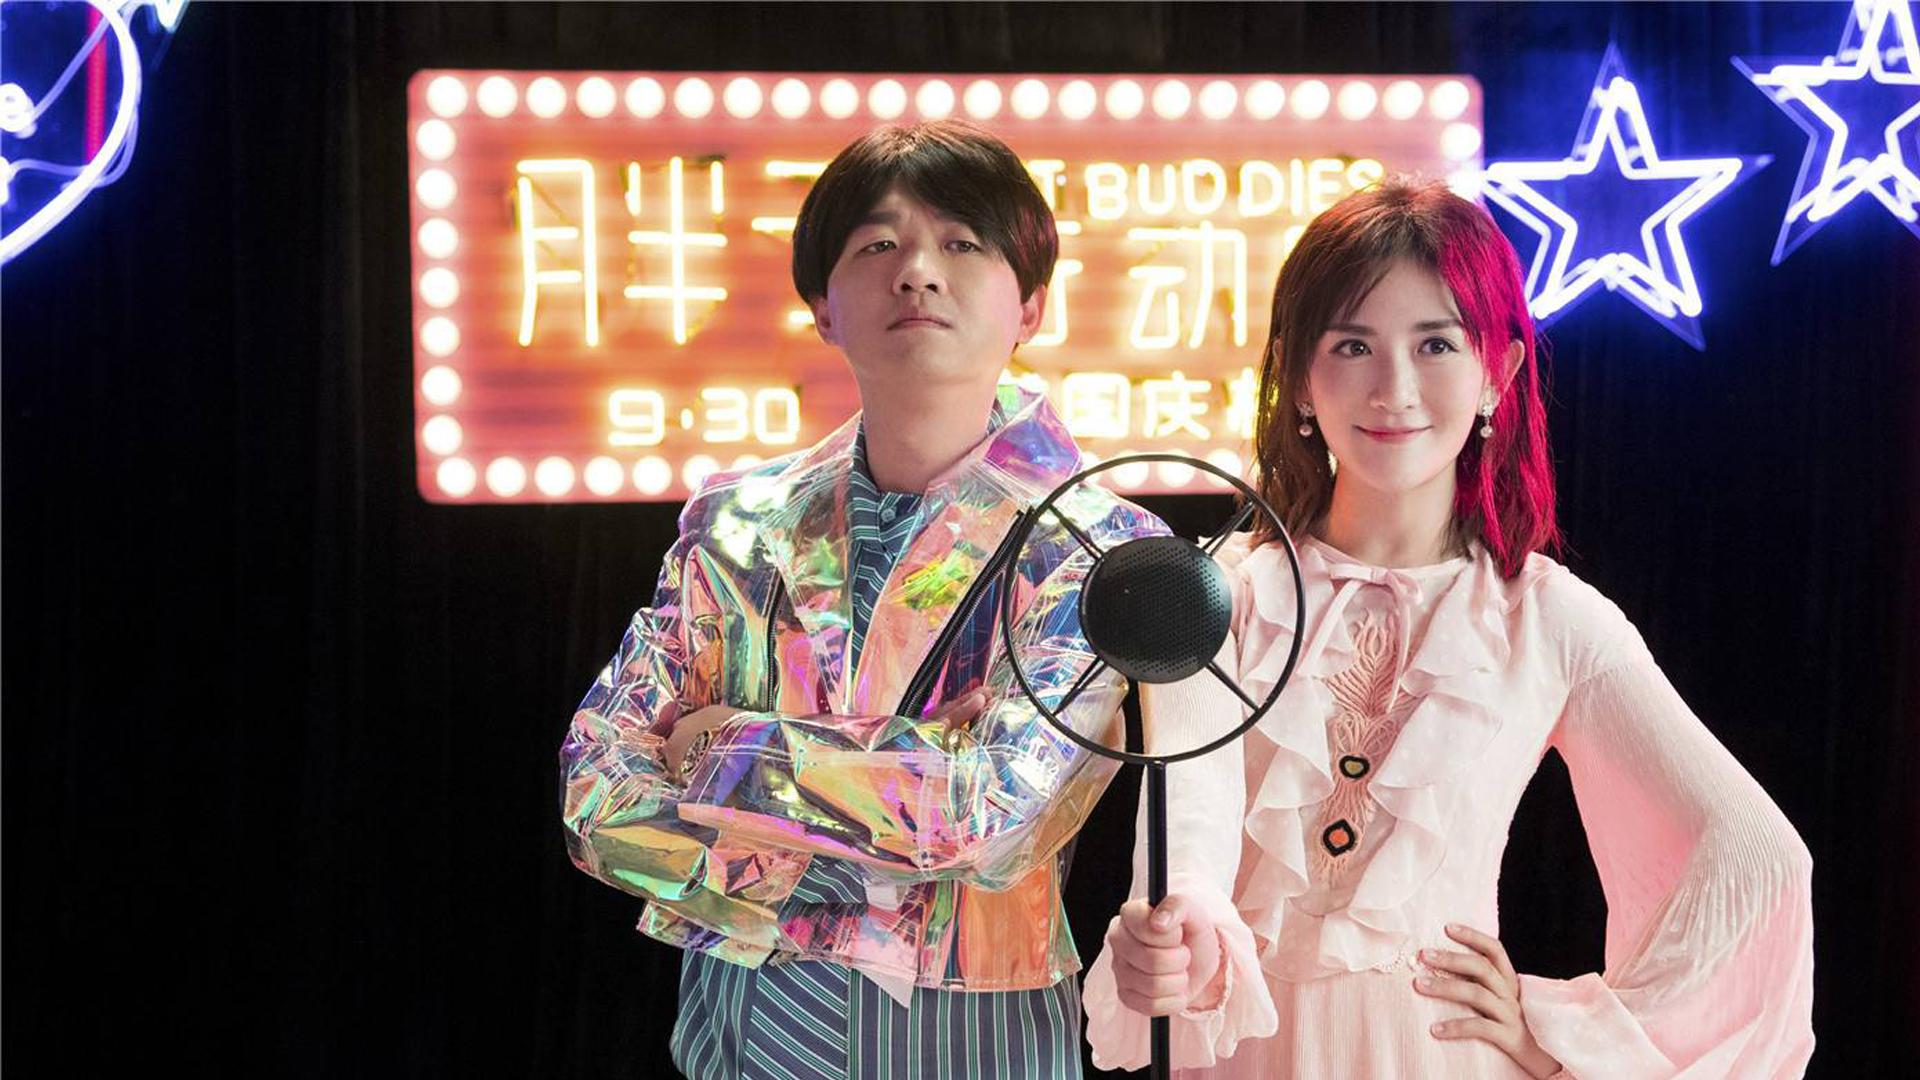 新片推荐:谢娜为《胖子行动队》录制的MV很好看,就是太难听了?